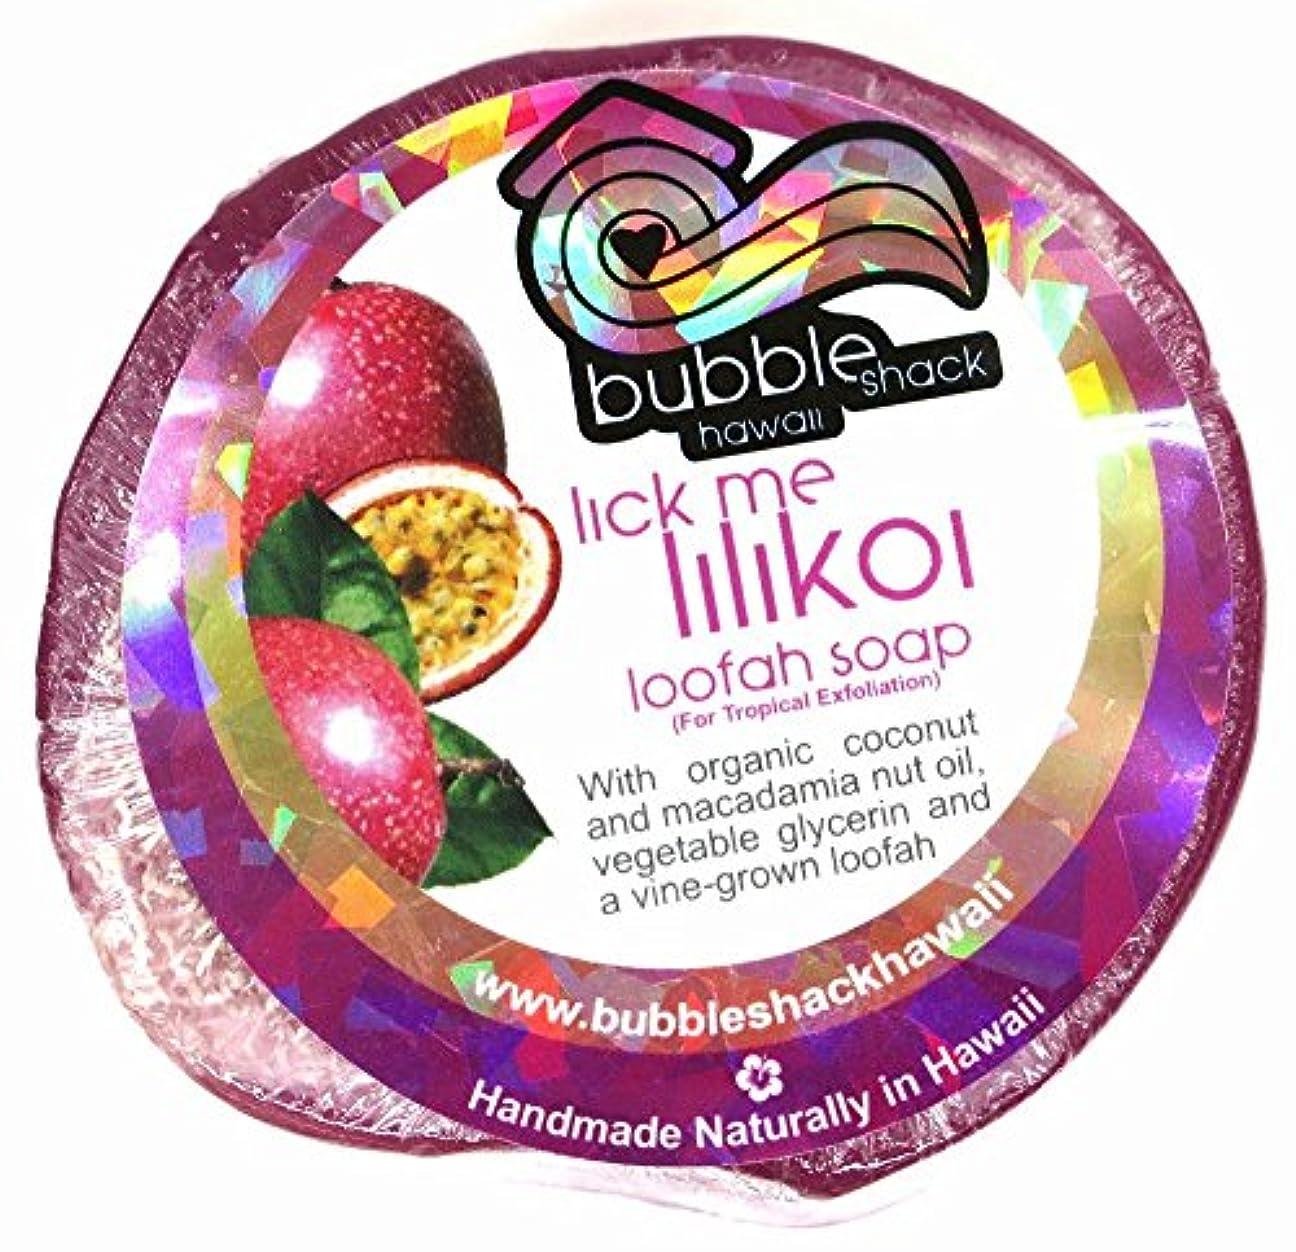 モードリン男らしさ超高層ビルハワイアン雑貨/ハワイ 雑貨【バブルシャック】Bubble Shack Hawaii ルーファーソープ(リックミーリリコイ) 【お土産】